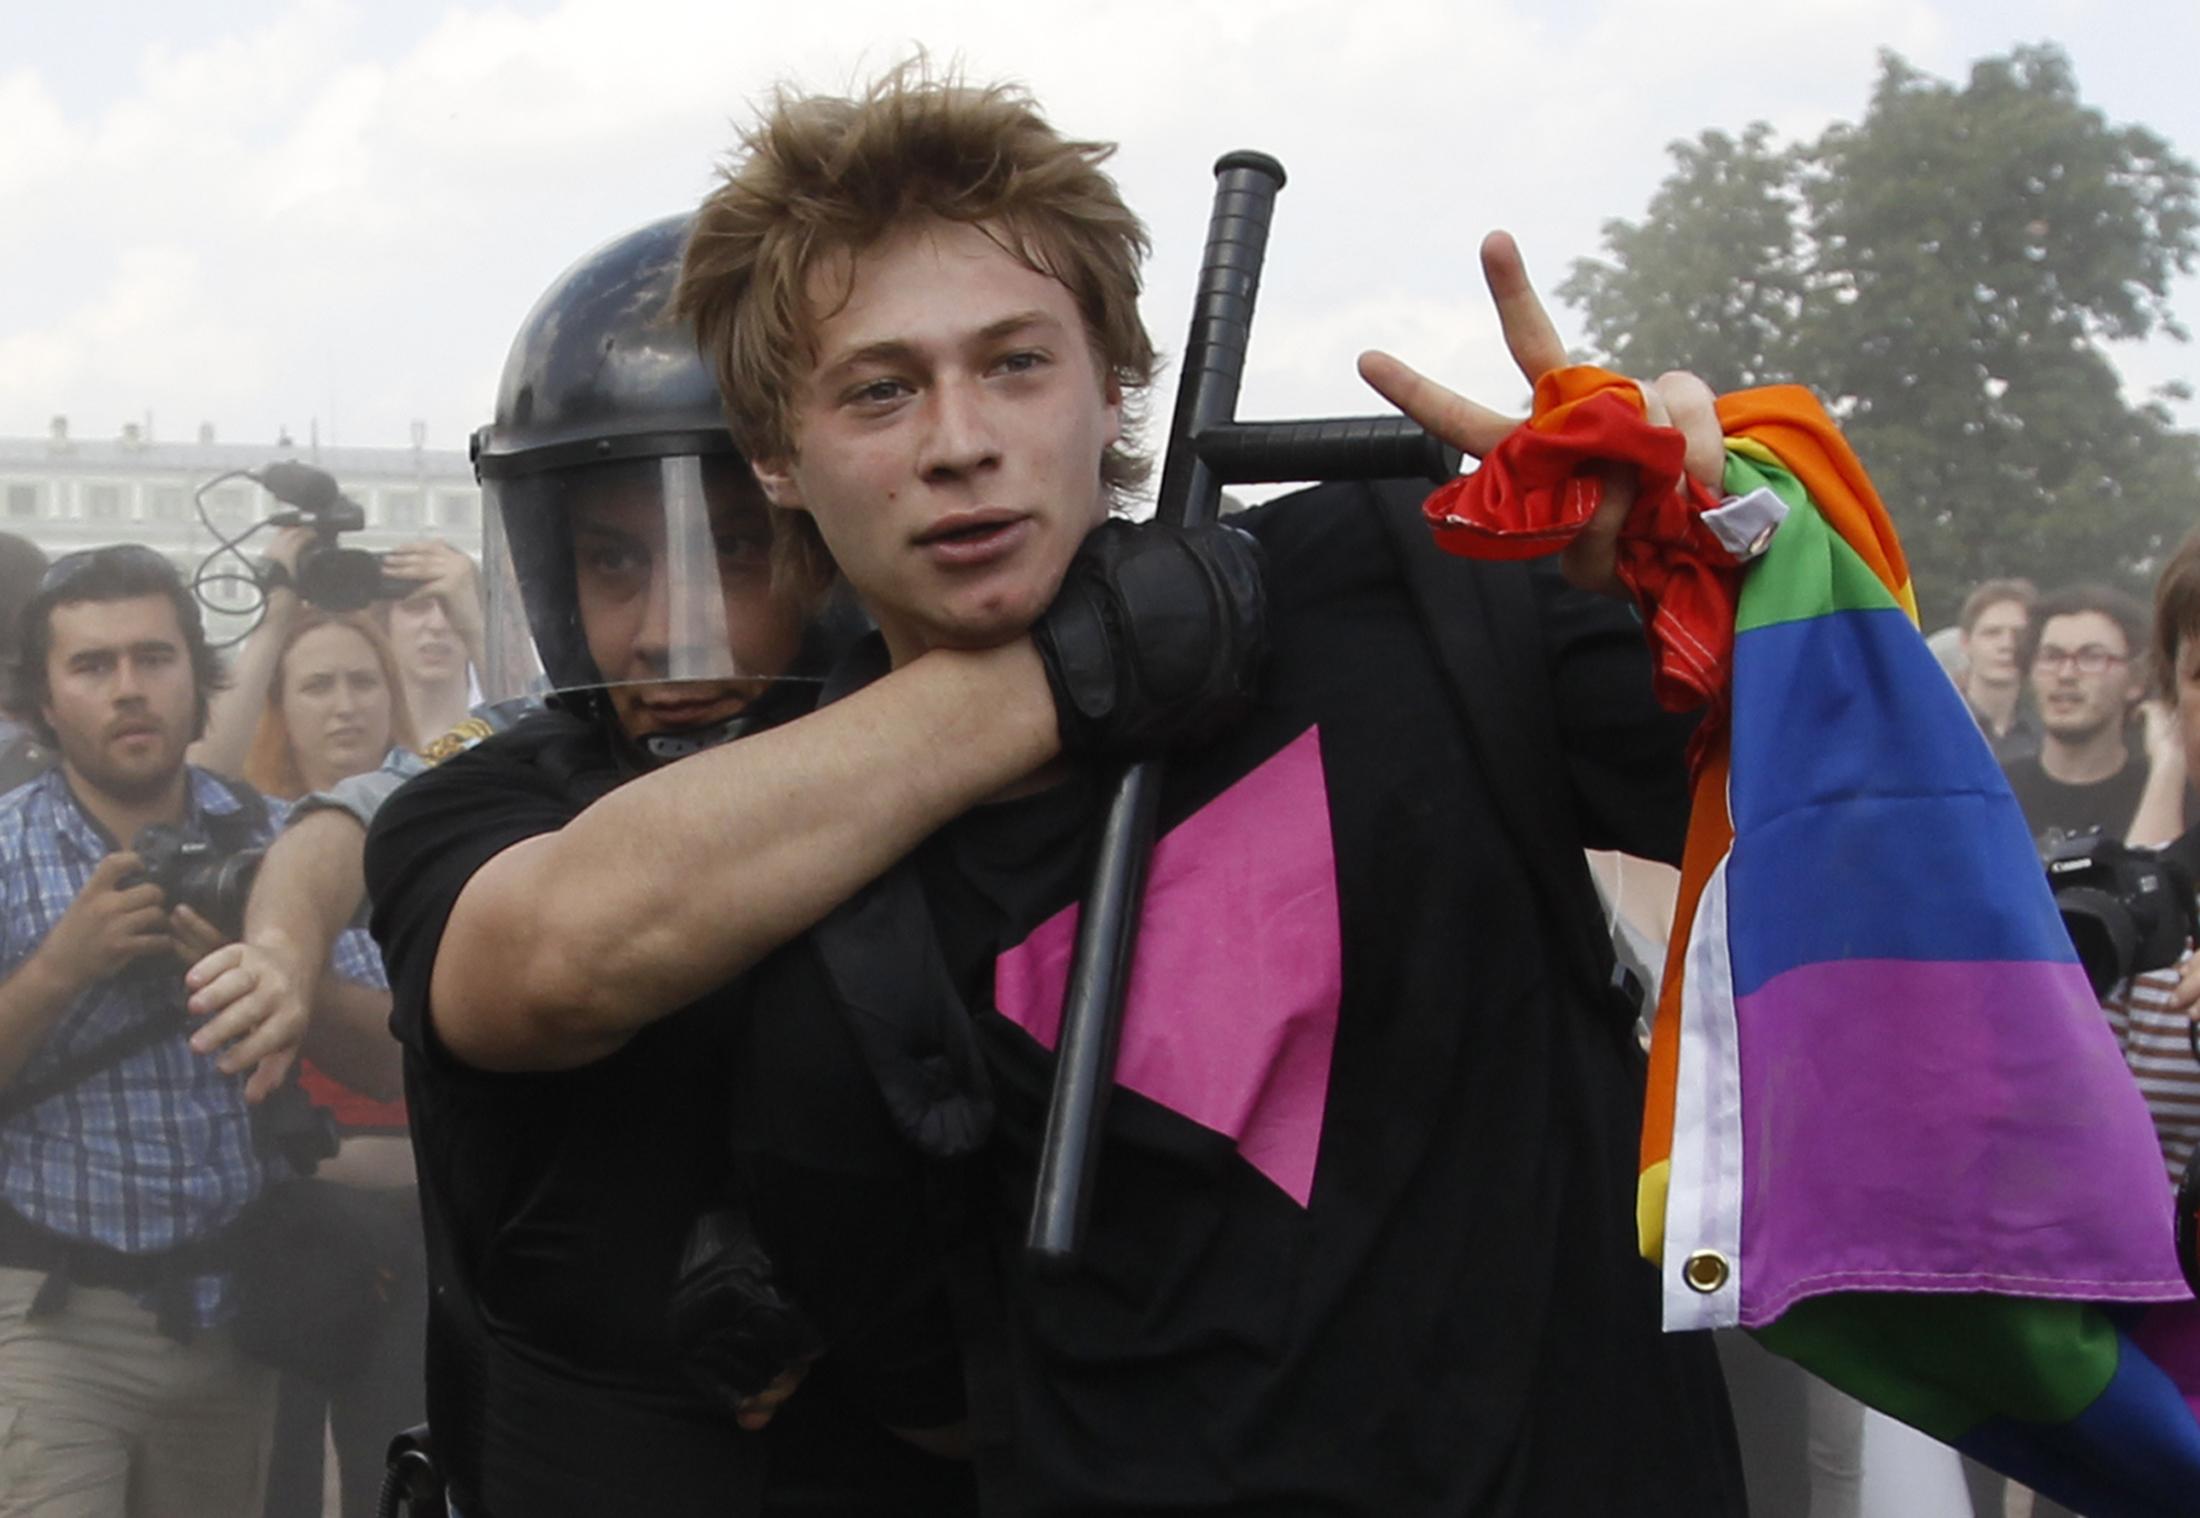 Аресты российских ЛГБТ-активистов в 2013 году. Фото: businessinsider.com